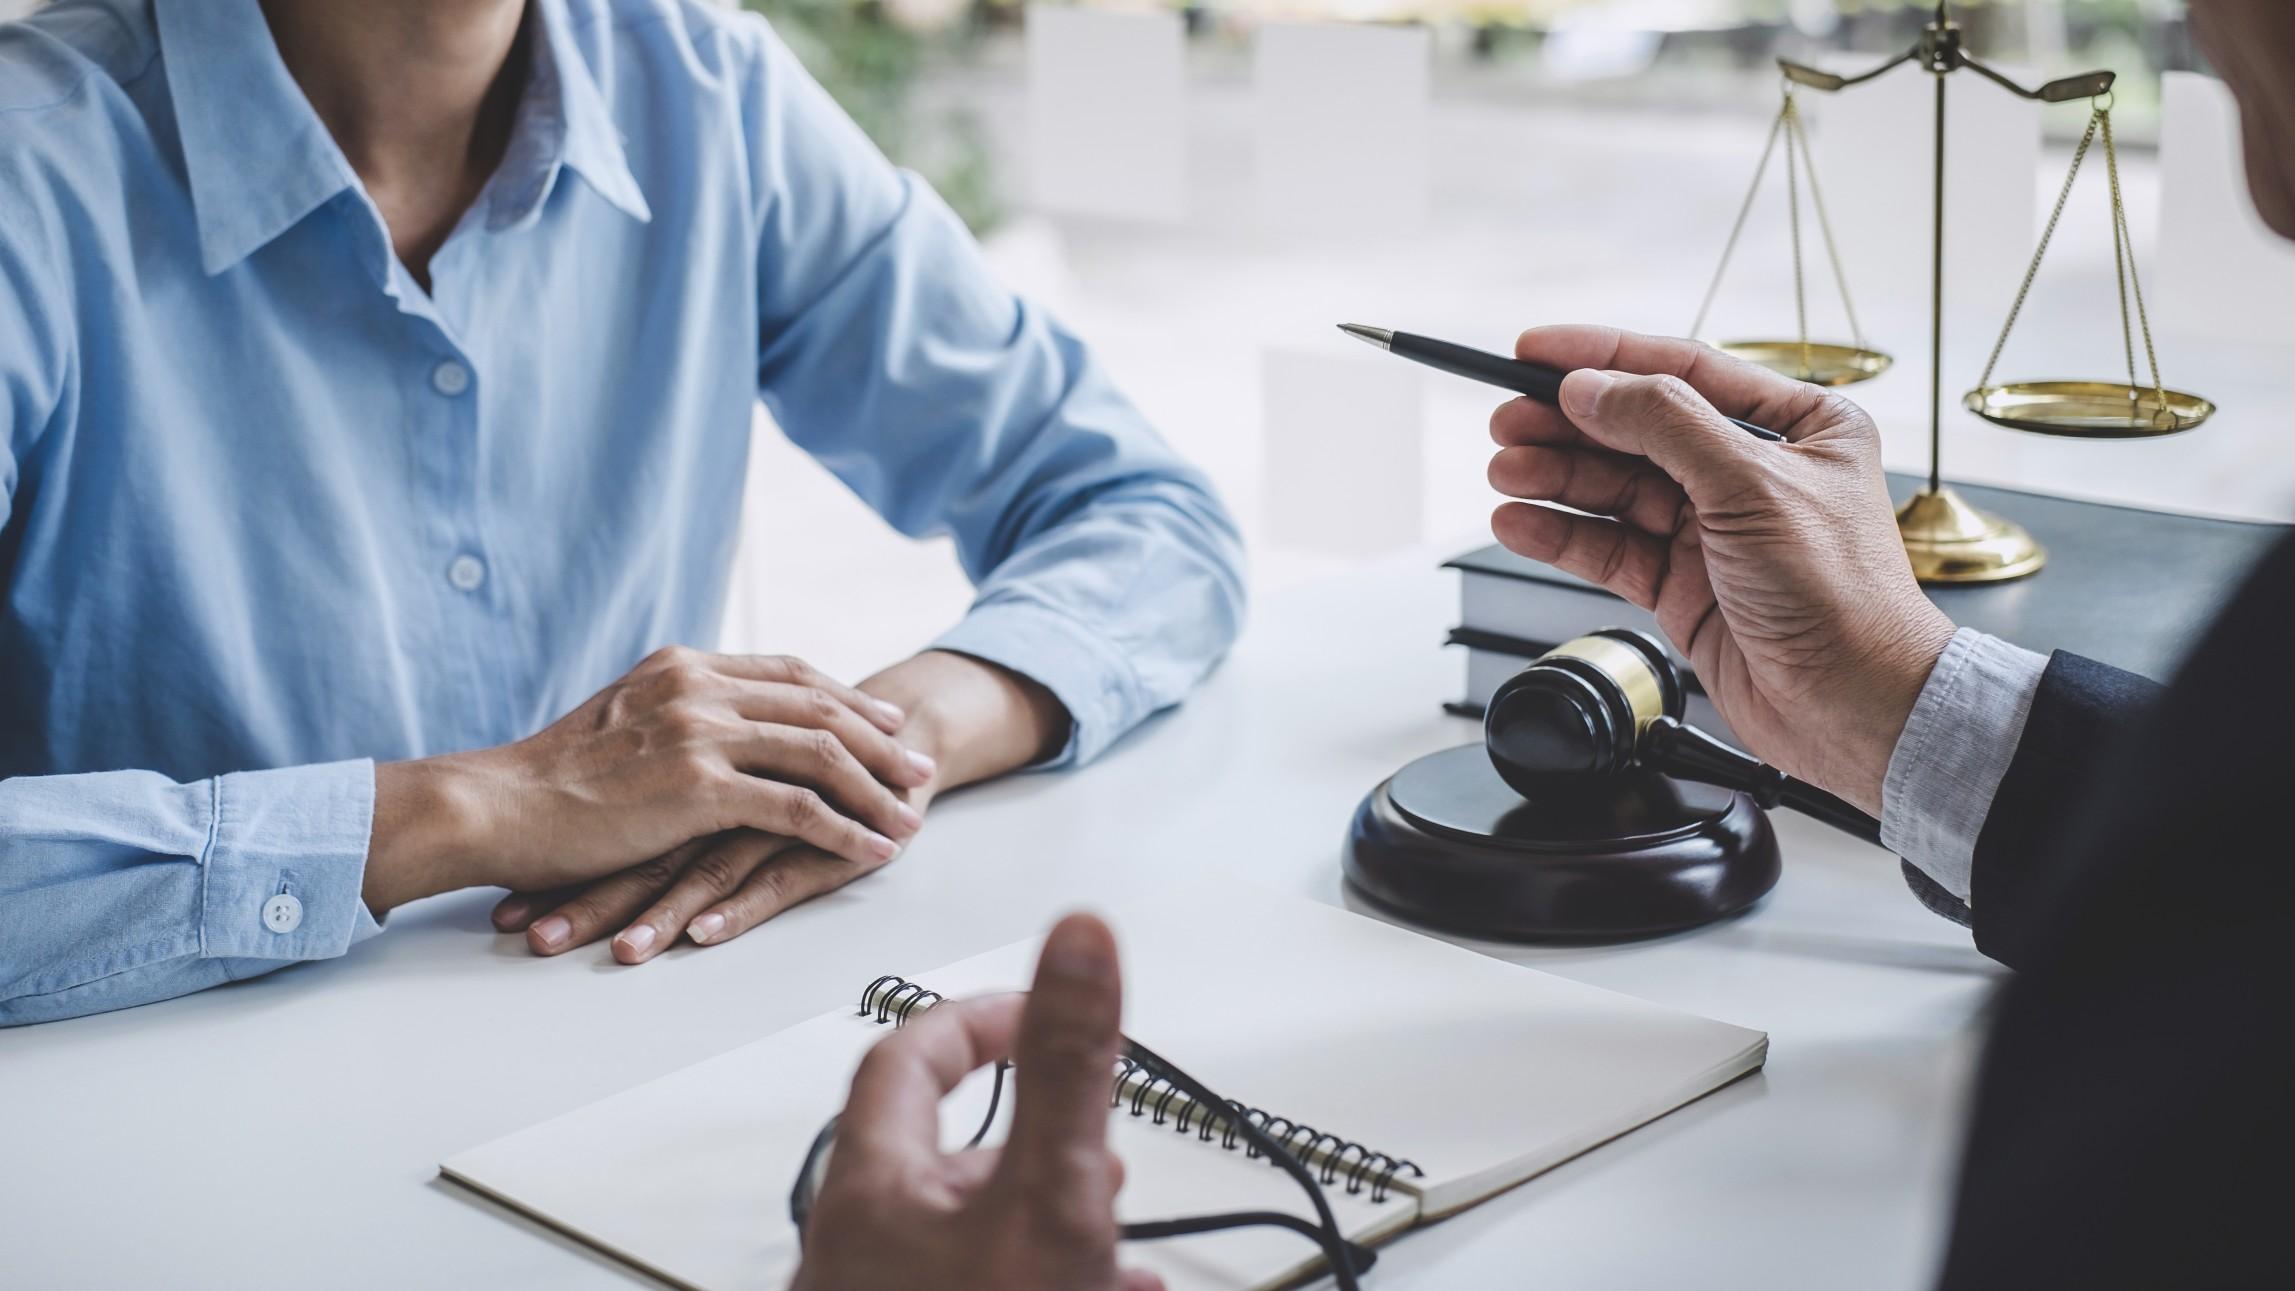 Important Details About Premises Liability Cases